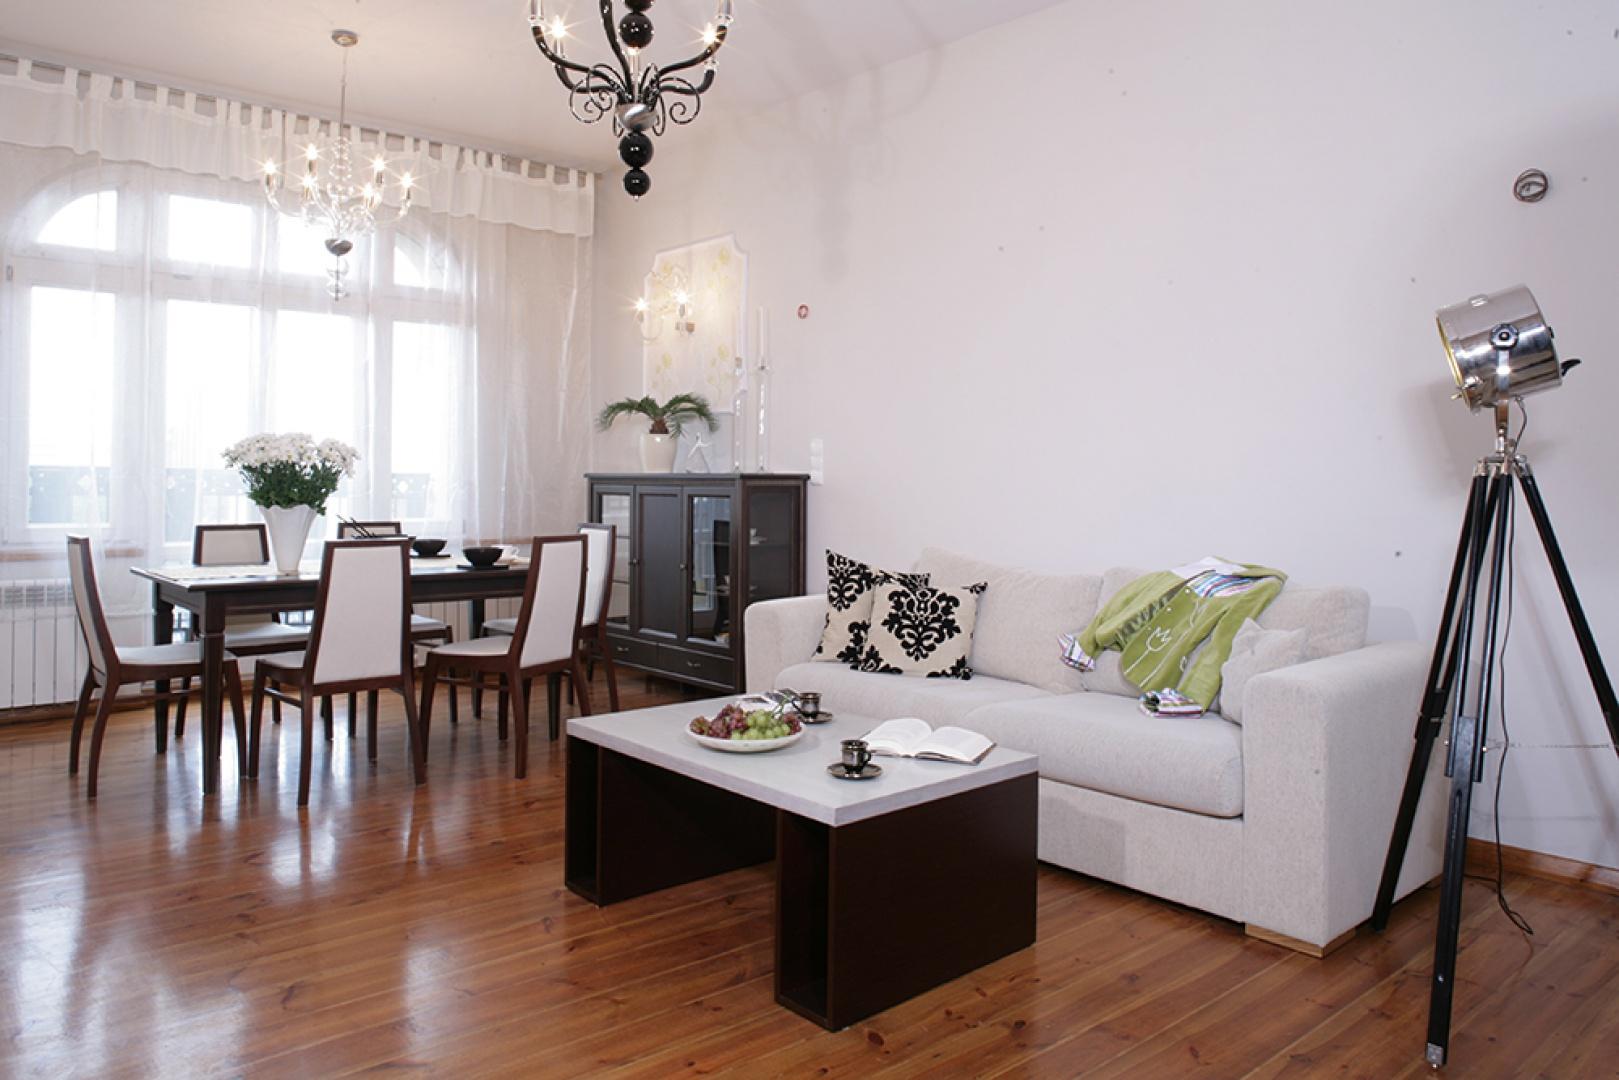 Salon został podzielony na różniące się stylistycznie strefy. W tradycyjnej jadalni stanęła elegancka komoda z przeszklonymi frontami i solidny stół (Meble Bydgoskie), do którego dobrano krzesła z jasnymi obiciami (Meble Jarocin, model Rubin). Fot. Monika Filipiuk.